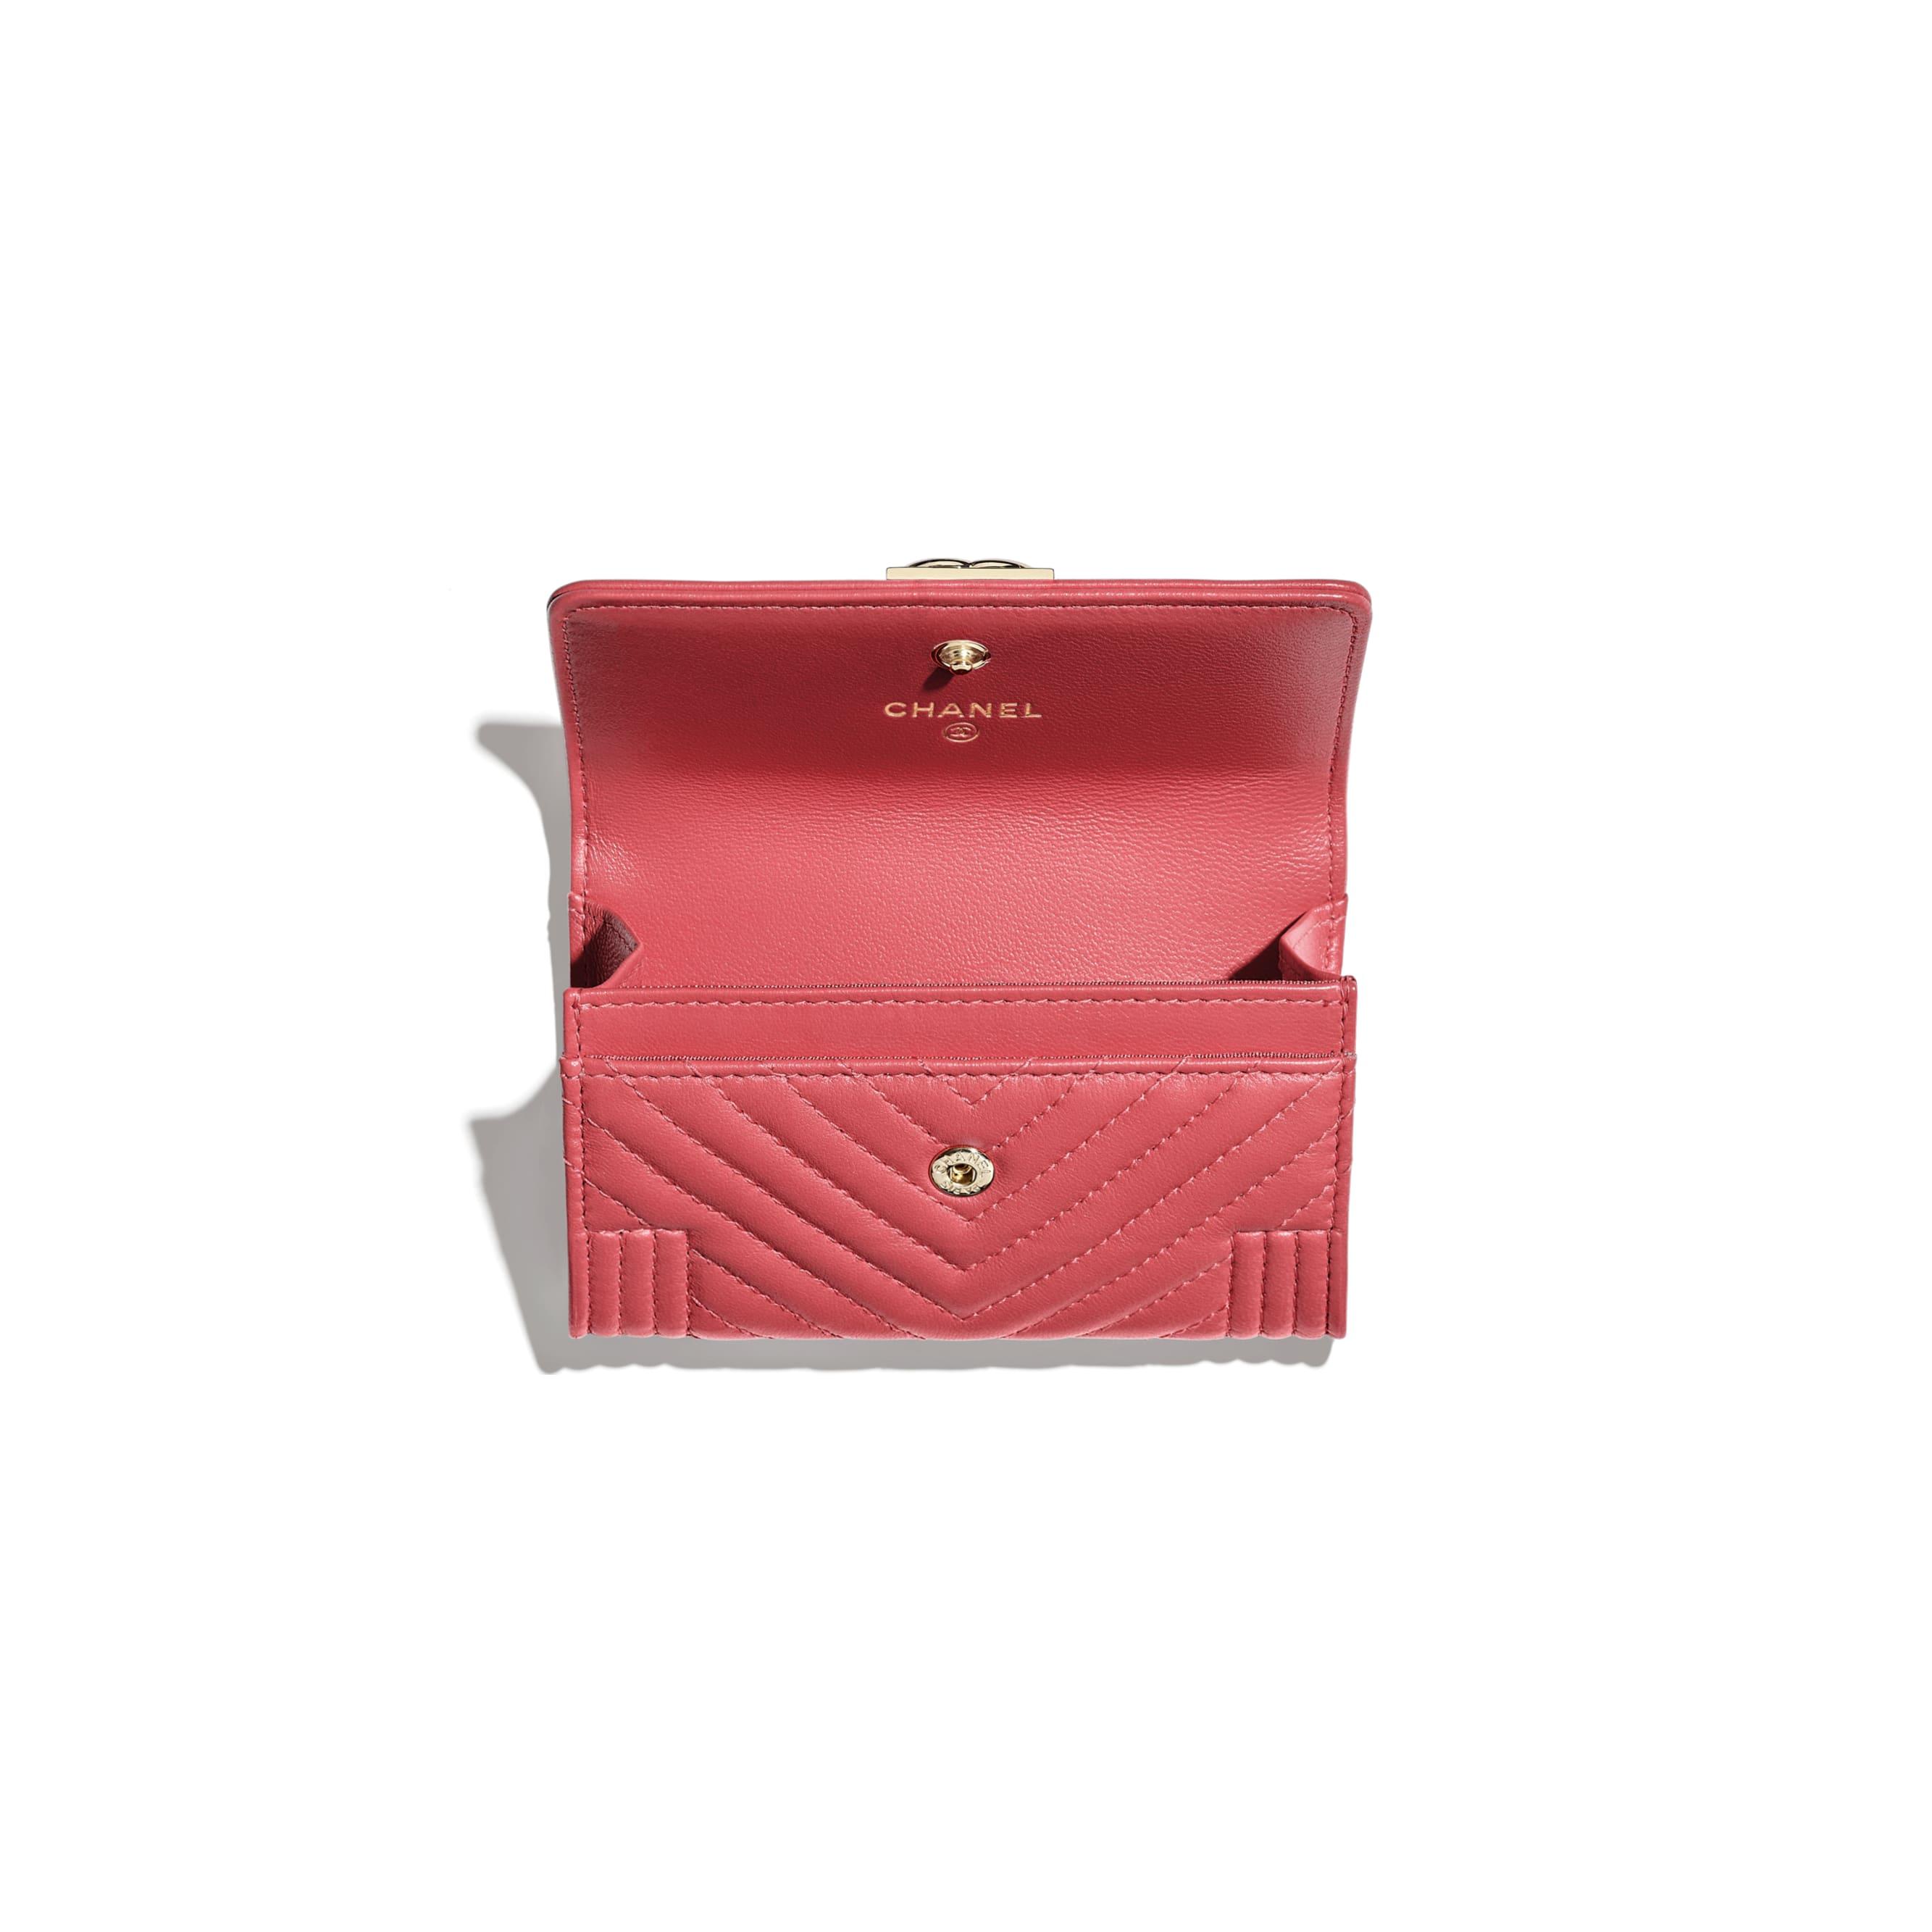 Kartenetui BOY CHANEL mit Patte - Rosa - Lammleder & goldfarbenes Metall - CHANEL - Weitere Ansicht - Standardgröße anzeigen